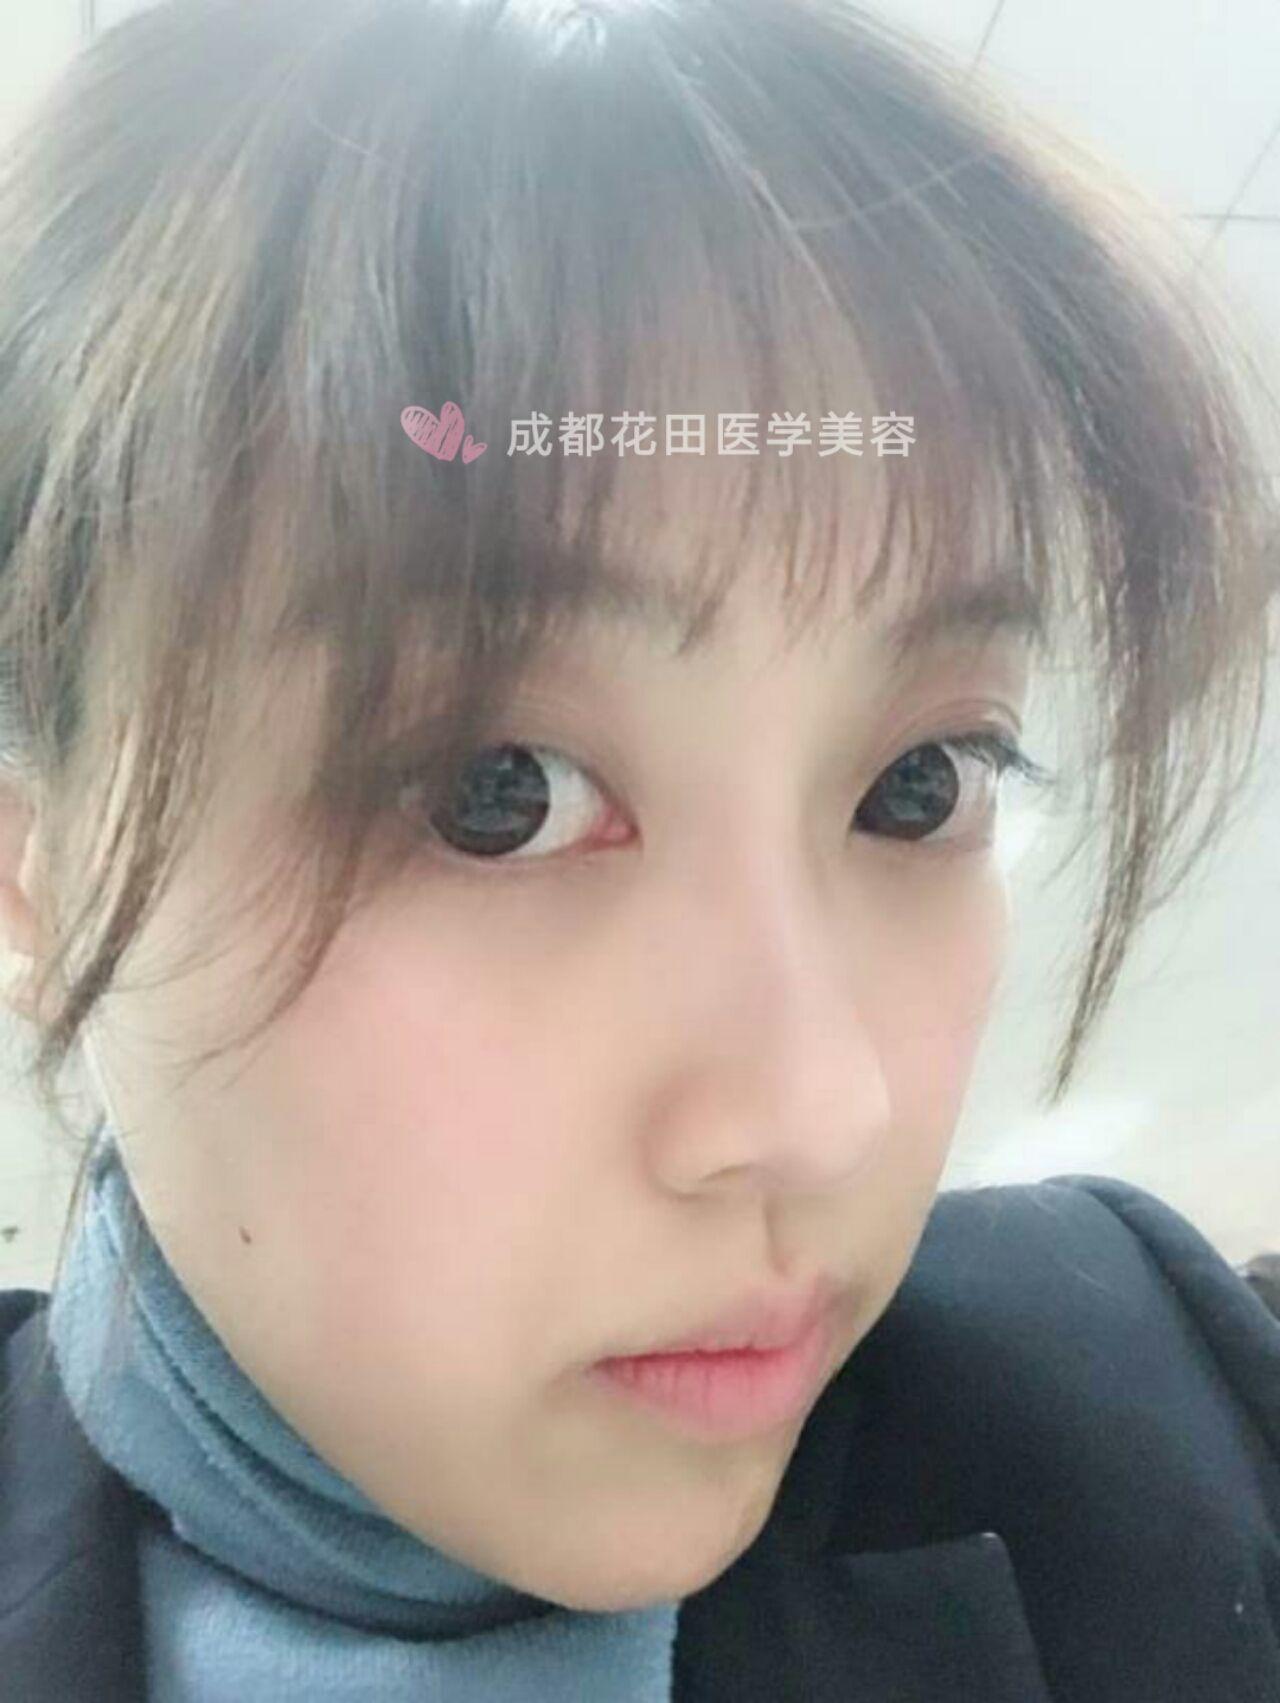 """宝宝日记:""""术后已经一个月了,眼底皮肤越来越紧致了整个人的状态都好了很多,可喜可贺也没有出现泪沟深陷的术后情况,只是最近睡眠质量差,黑眼圈比较明显,眼部保养实在很重要啊,眼膜和眼霜必须用起来啦,最后希望那些有眼袋困扰的做了手术后越来越漂亮。毕竟现在女人的保养意识越来越强了,一张年轻精致的脸比几十万的手袋可更值得让人羡慕,对自己好一点"""""""